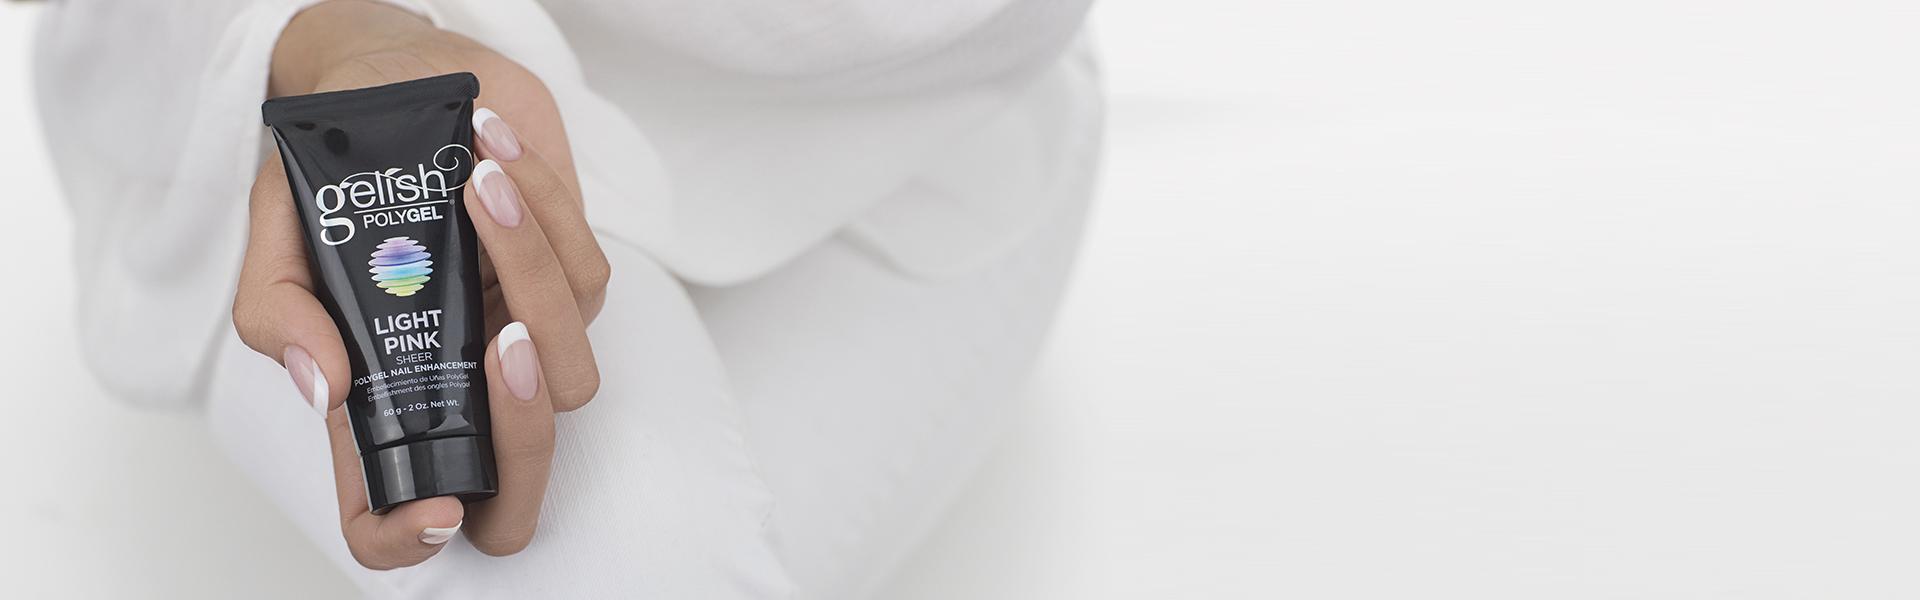 PolyGel™ España | Construcción de uñas que combina acrílico y gel